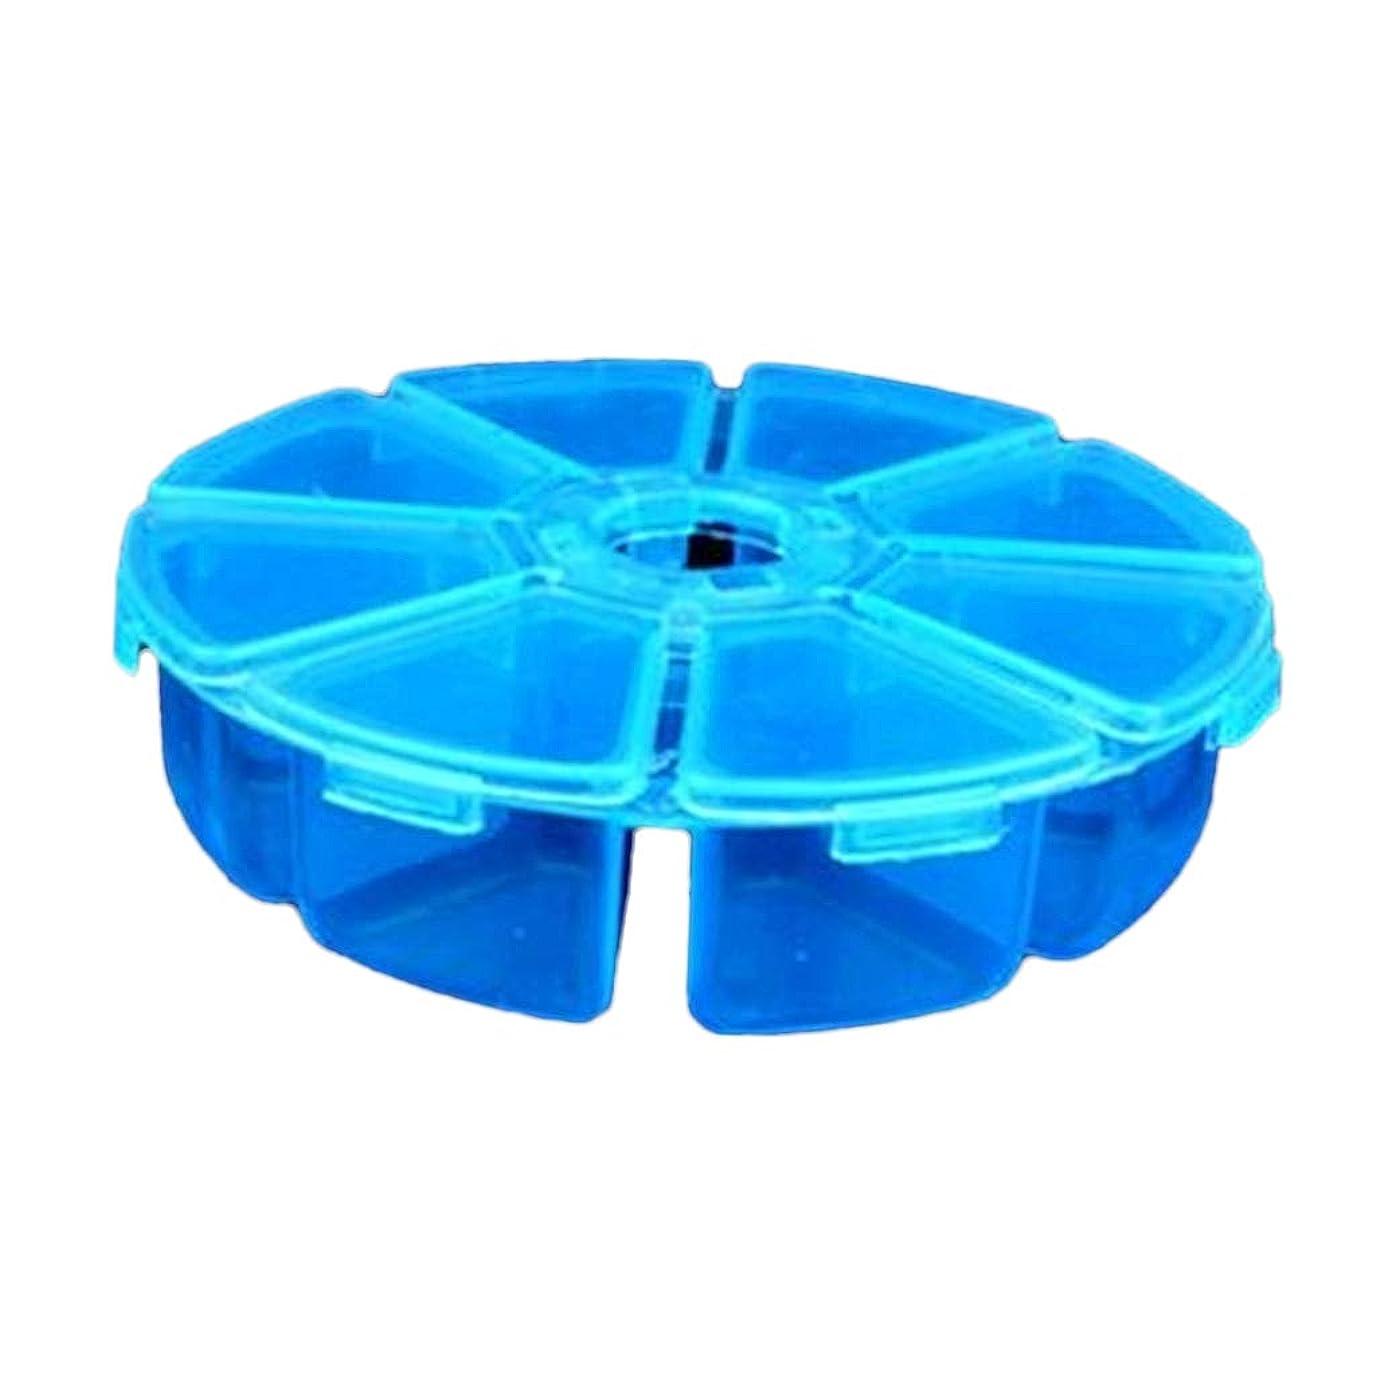 決定的貯水池粒DYNWAVE ネイルアート オーガナイザー 収納 ボックス 8コンパートメント 仕切り プラスチック 全4色 - ブルー